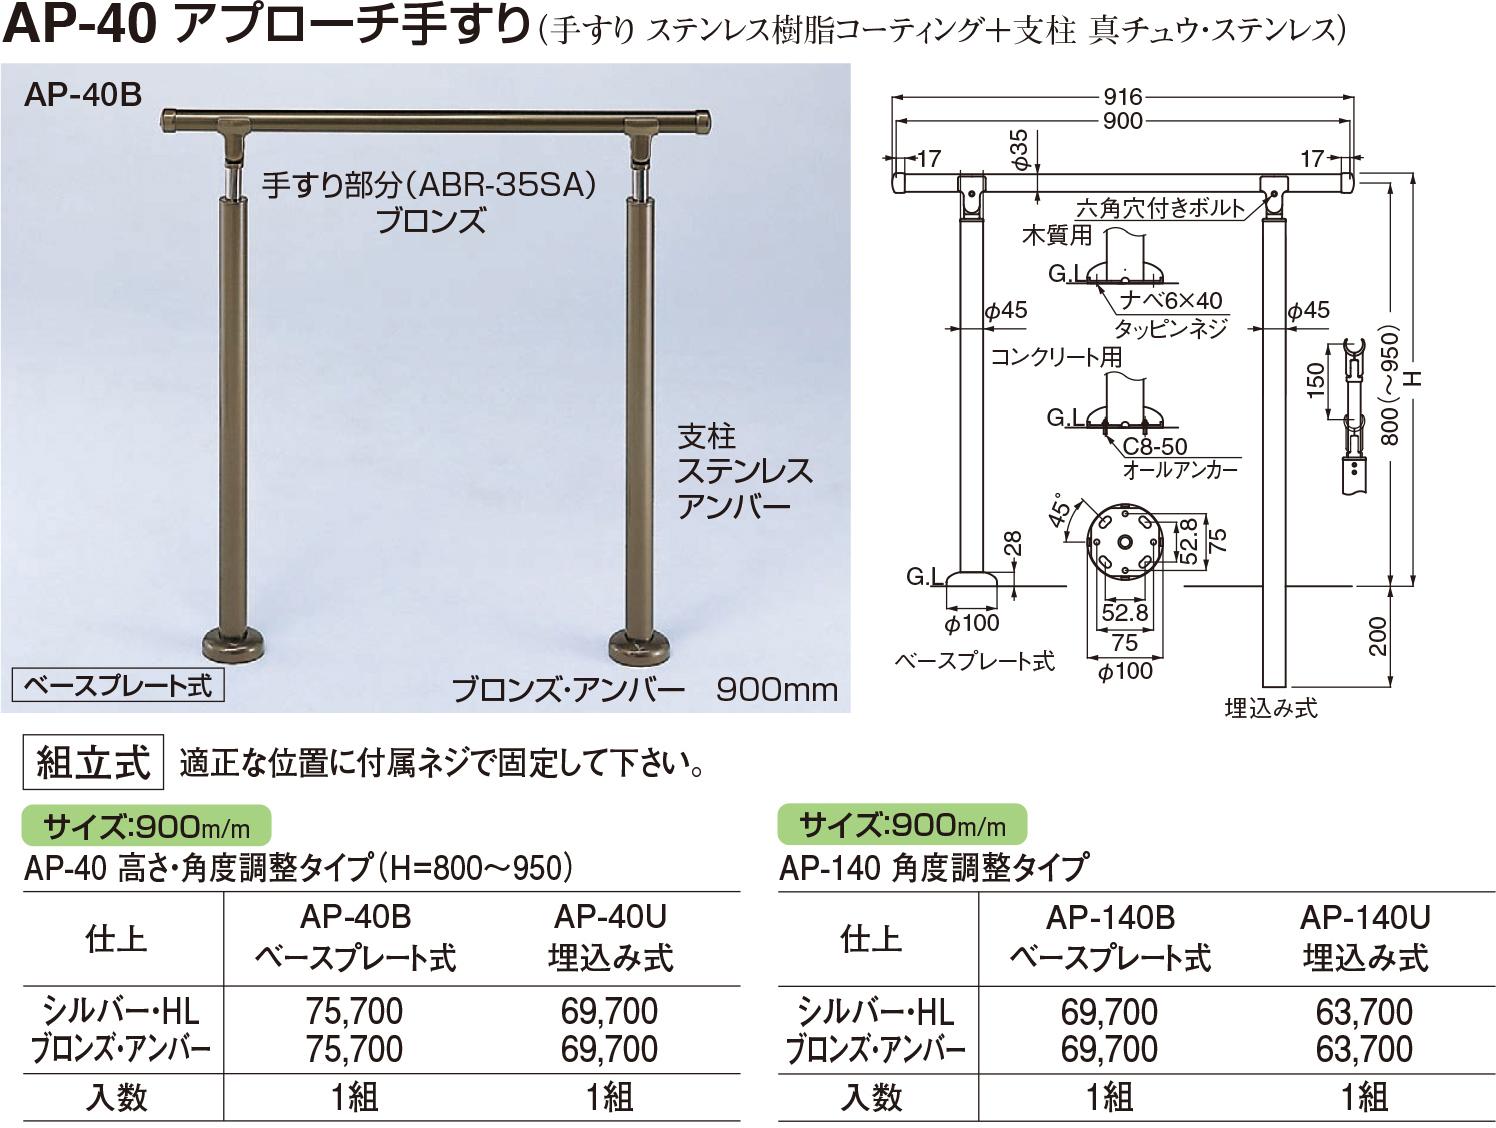 【シロクマ】アプローチ手すり(U) AP-140U ブロンズ・アンバー